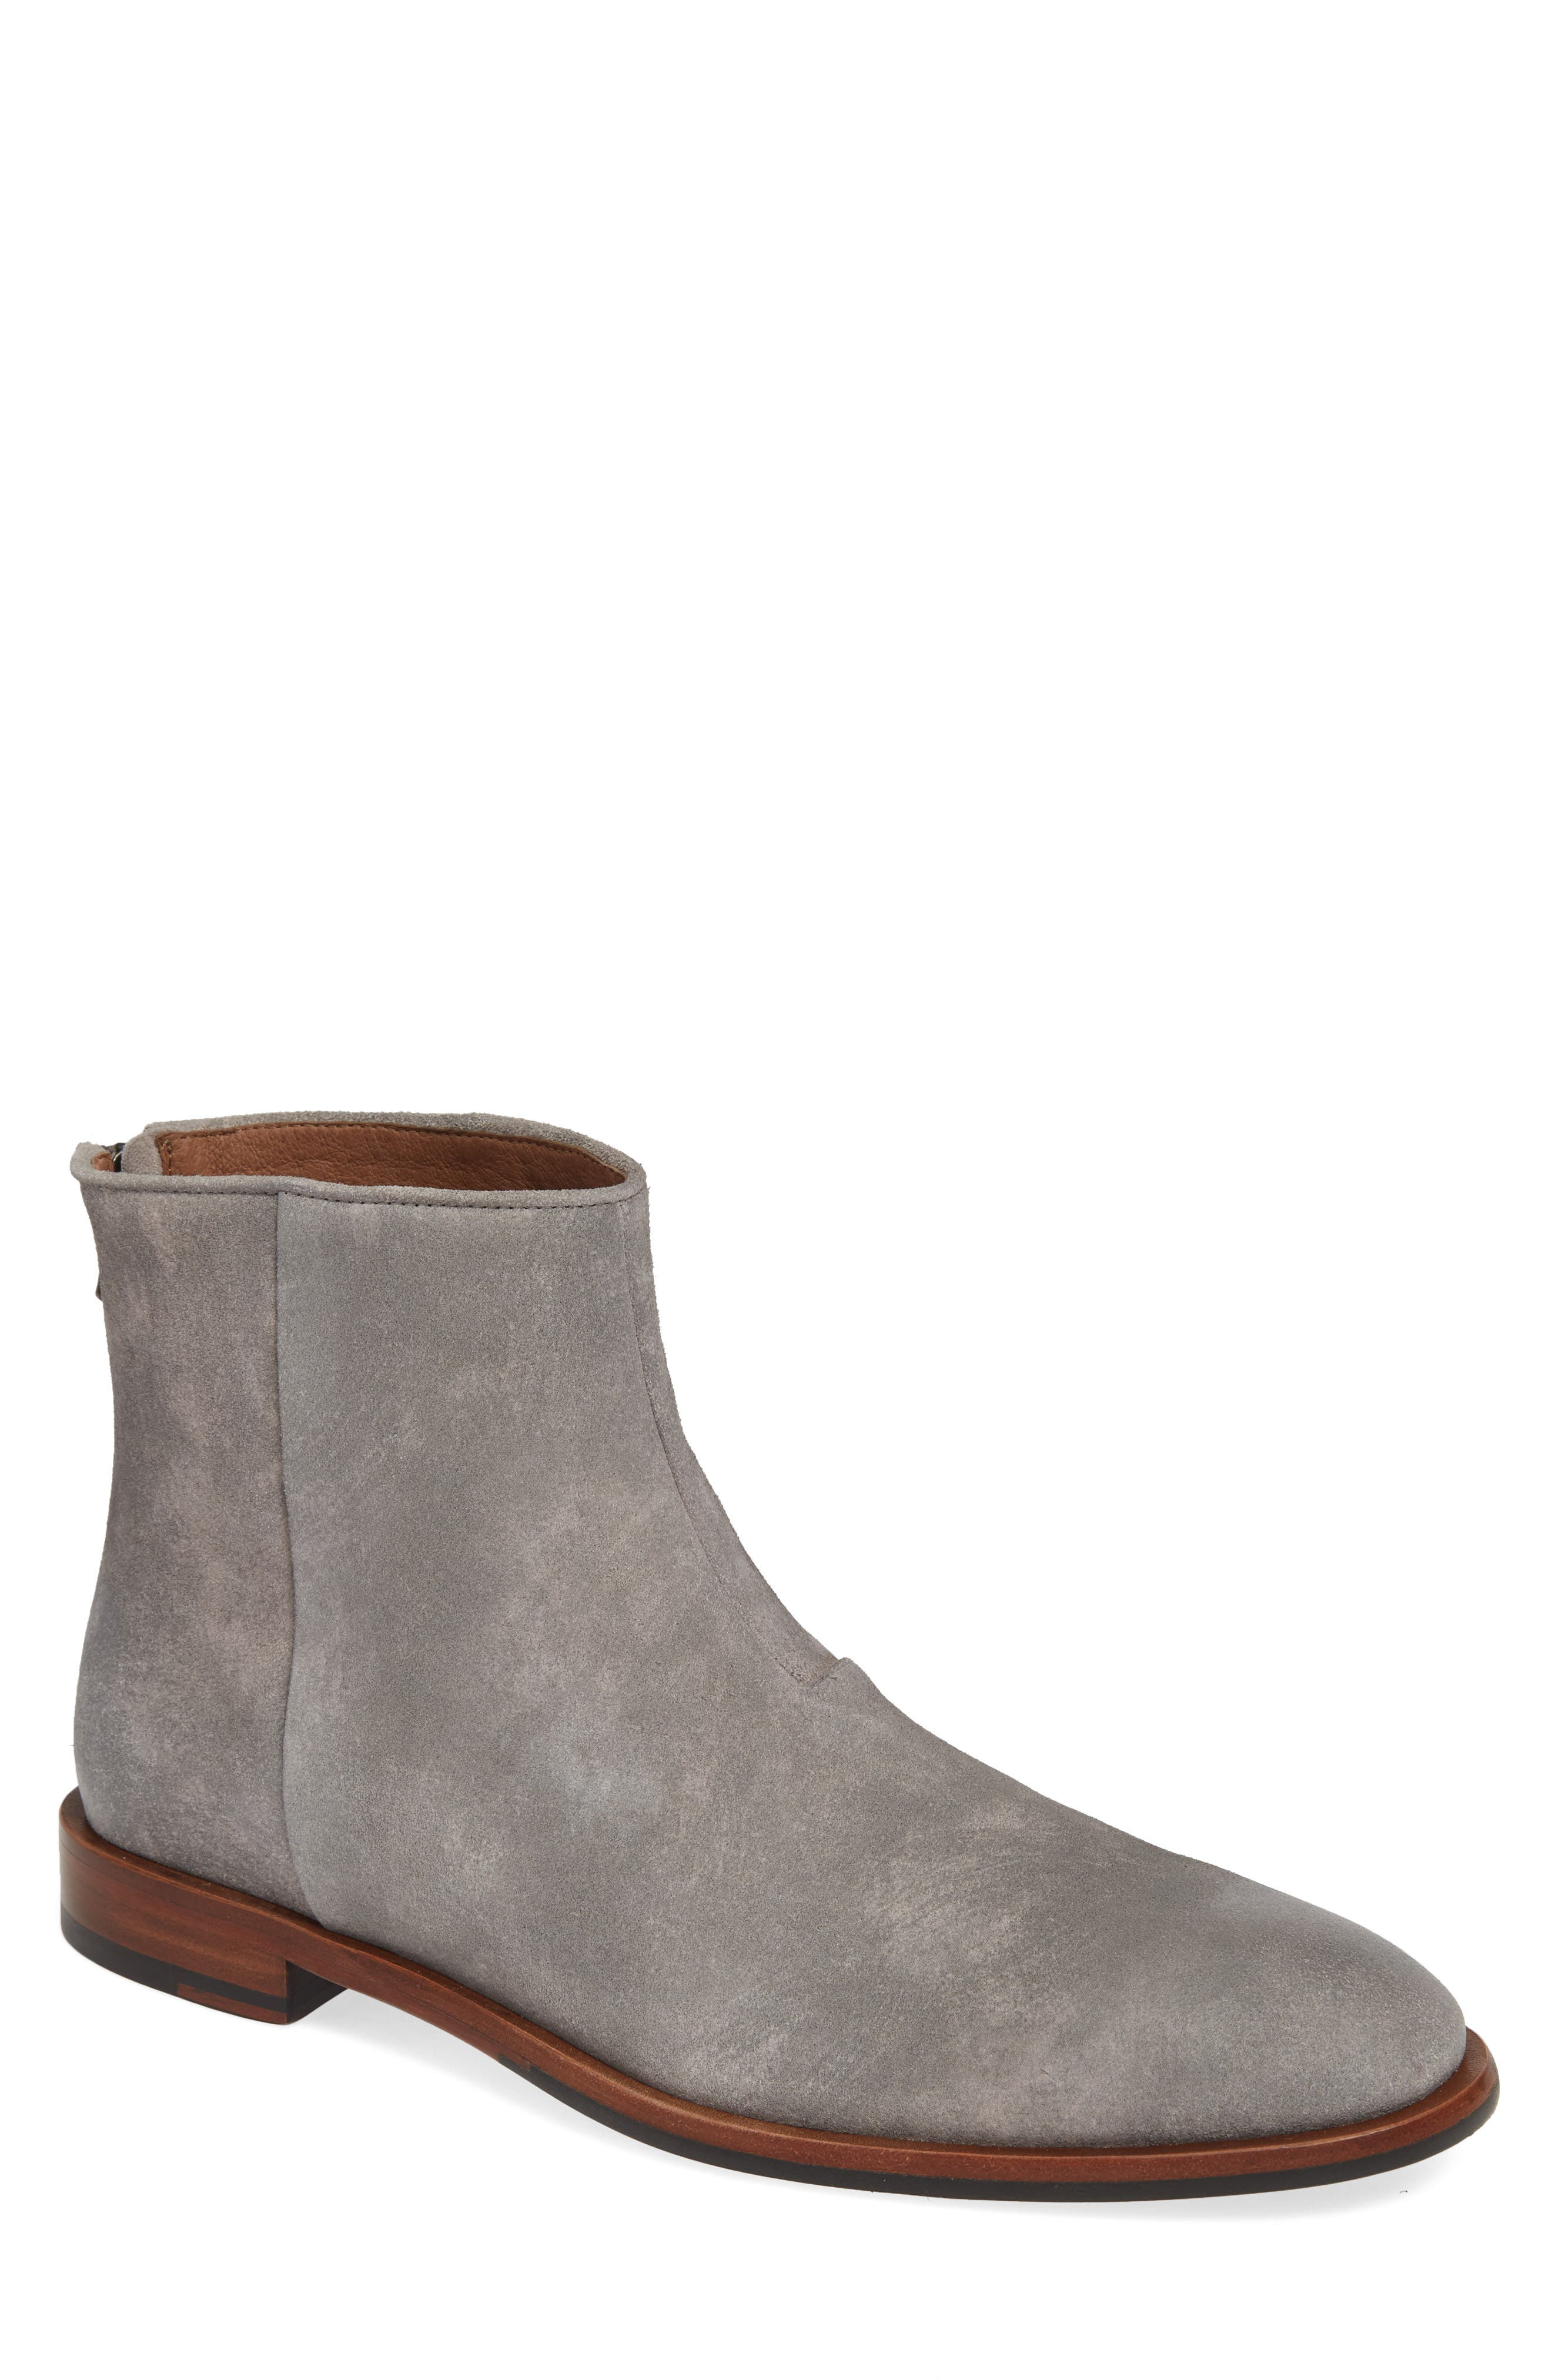 John Varvatos Star Usa Nyc Back Zip Boot- Grey